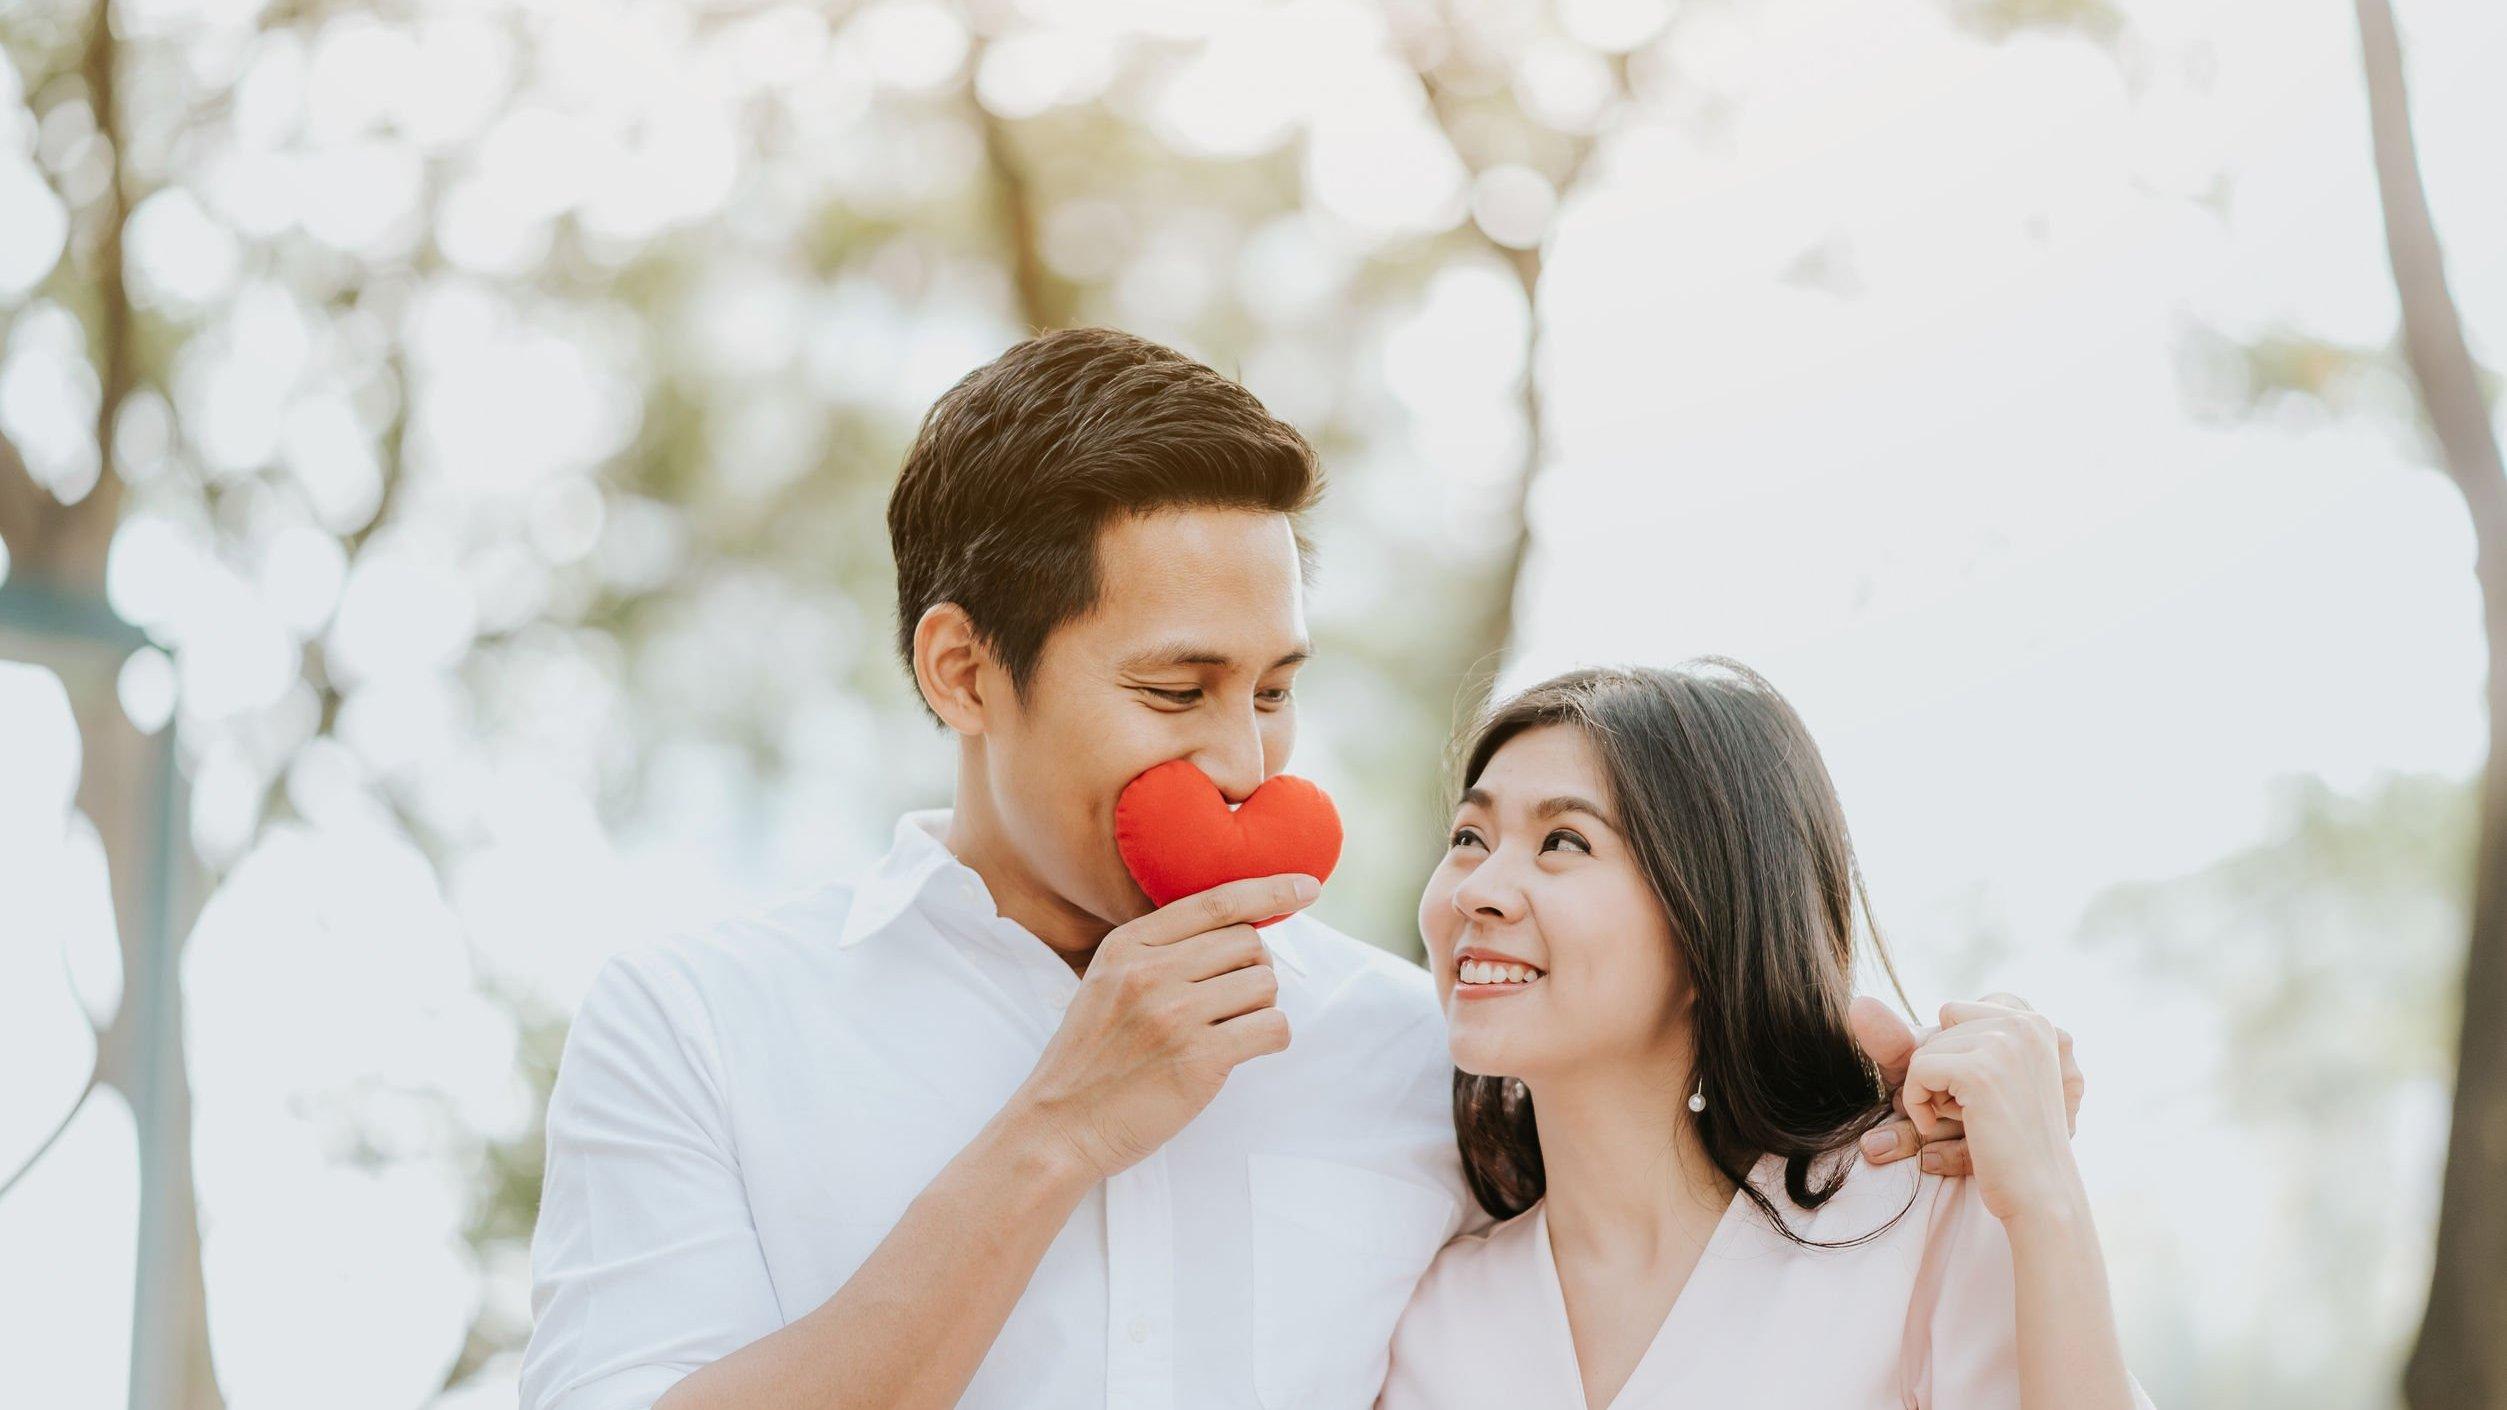 Homem segurando um coração de pelúcia e olhando para a namorada